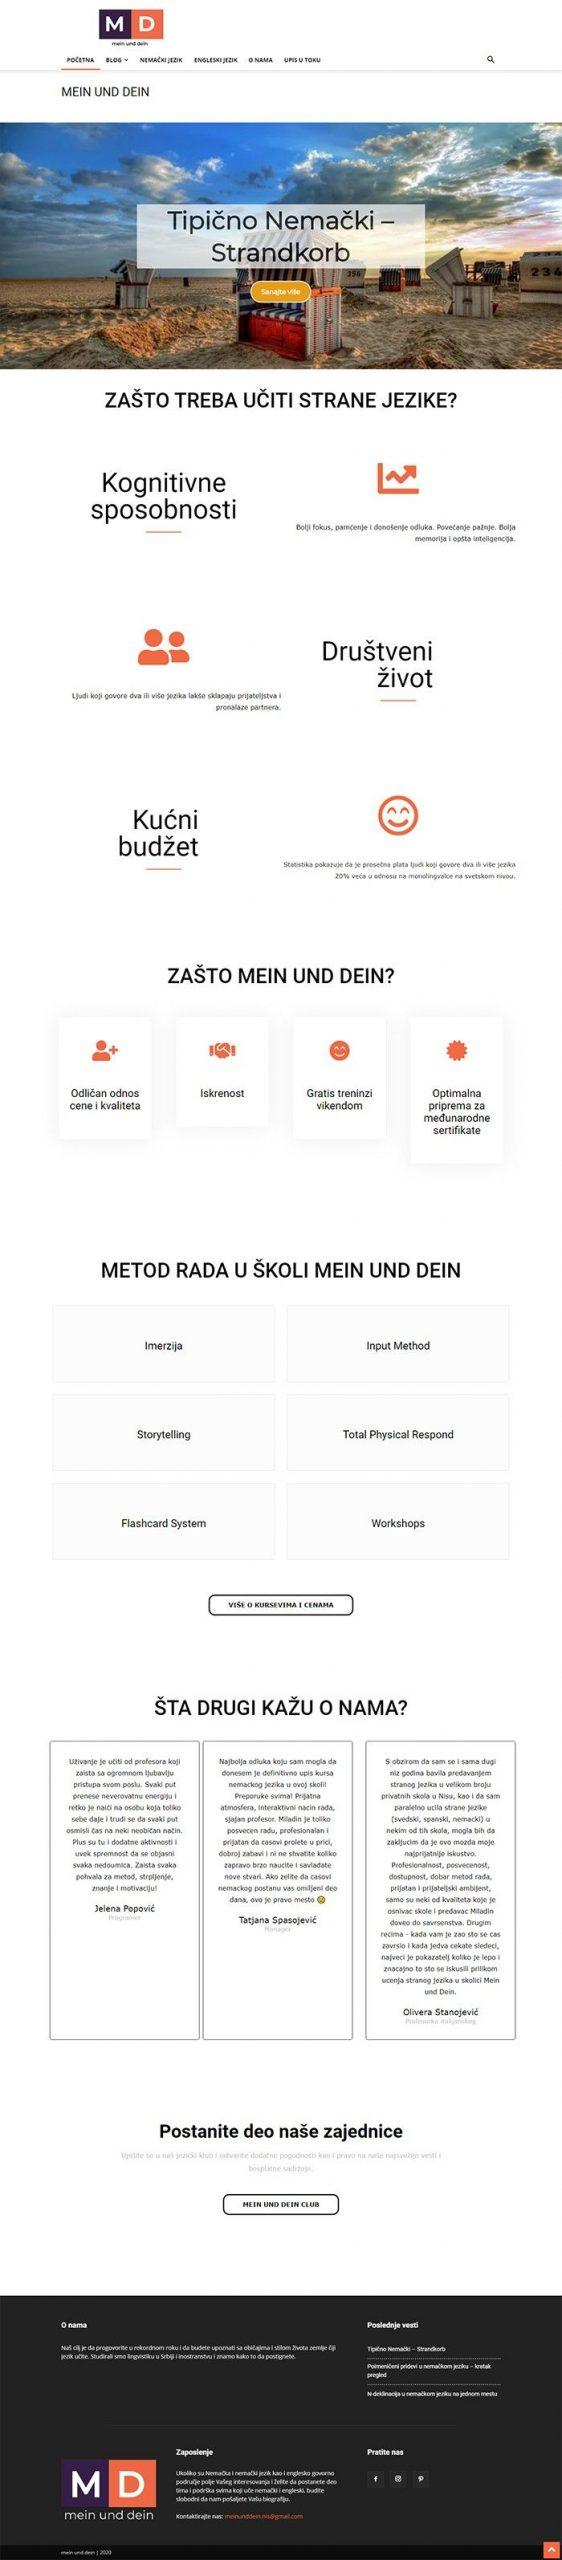 Mein und Dein - Agencija za Digitalni Marketing Bluelinemedia - Naslovna_old